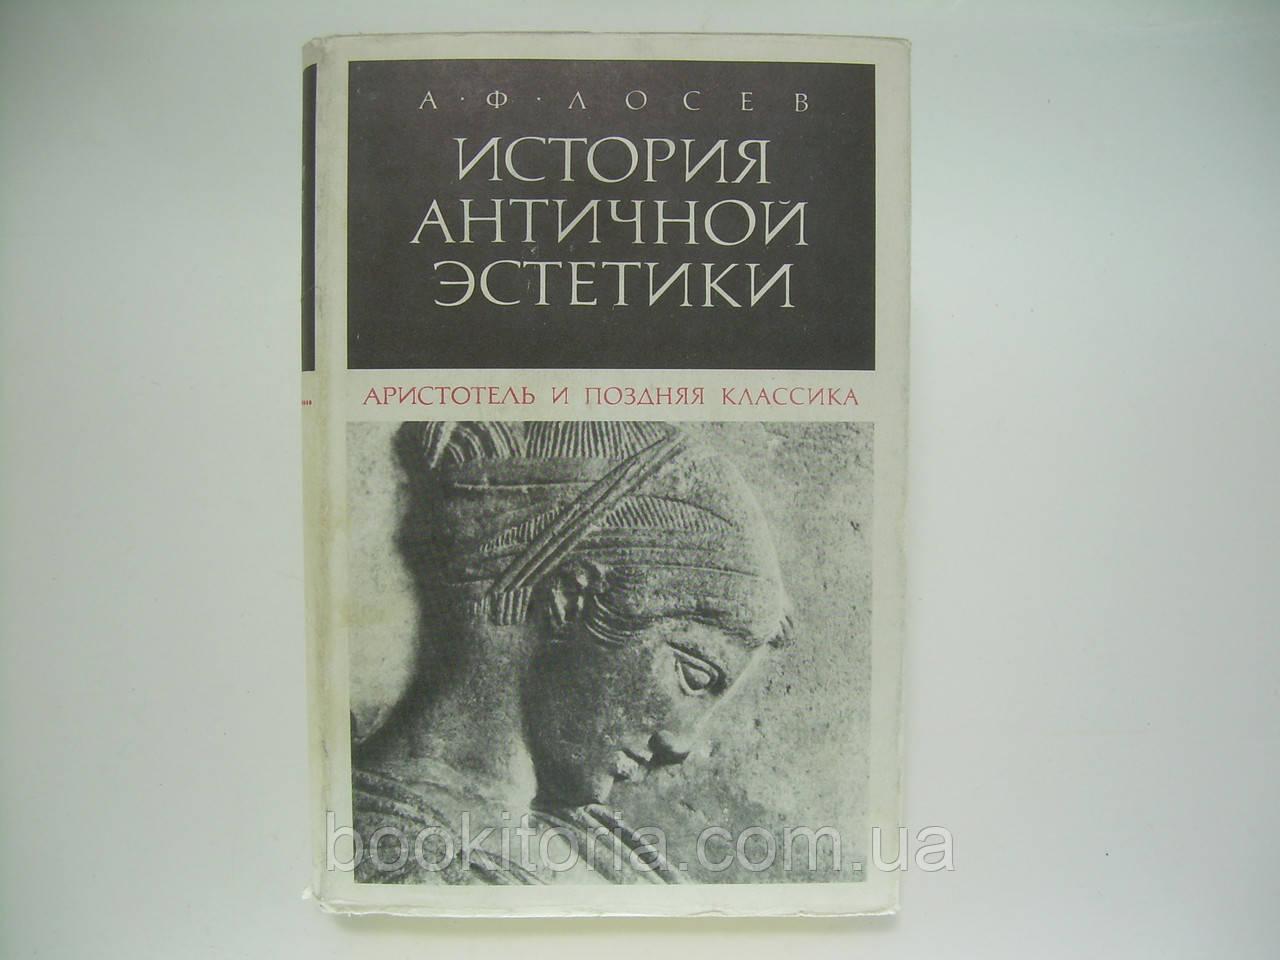 Лосев А.Ф. История античной эстетики. Аристотель и поздняя классика (б/у).